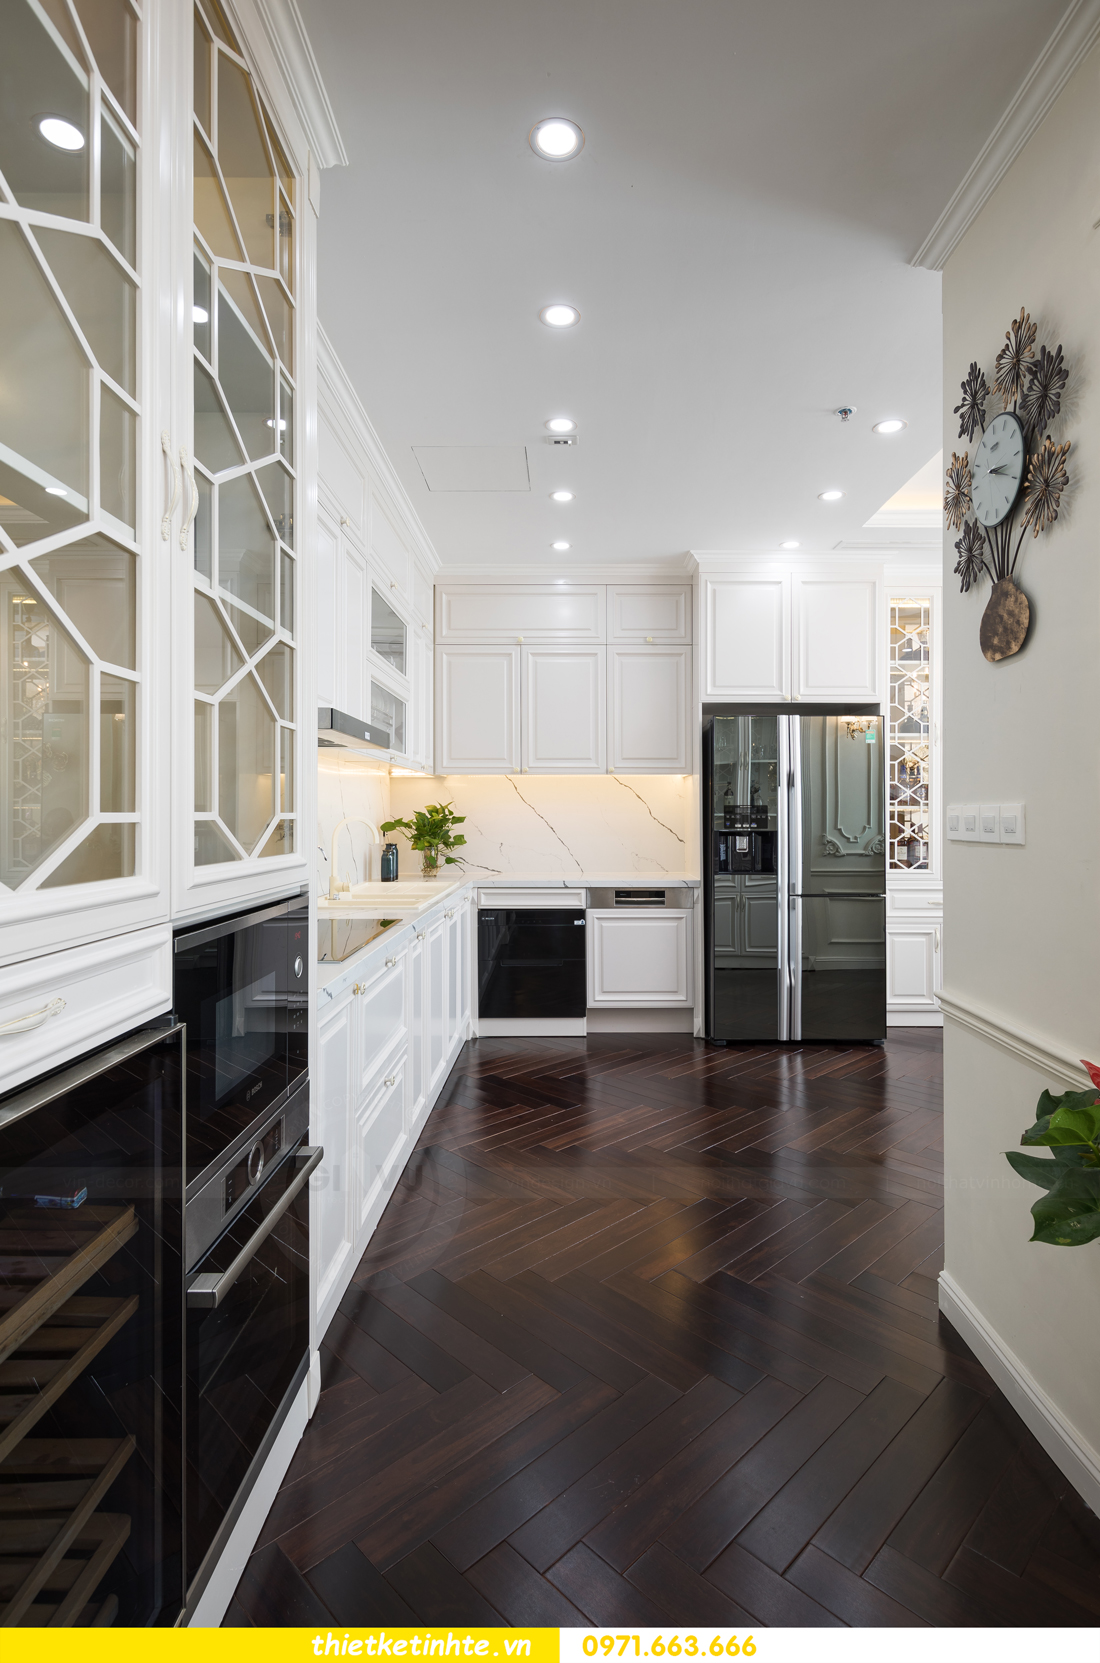 mẫu thiết kế nhà bếp chung cư đẹp, sang trọng, tiện nghi 10